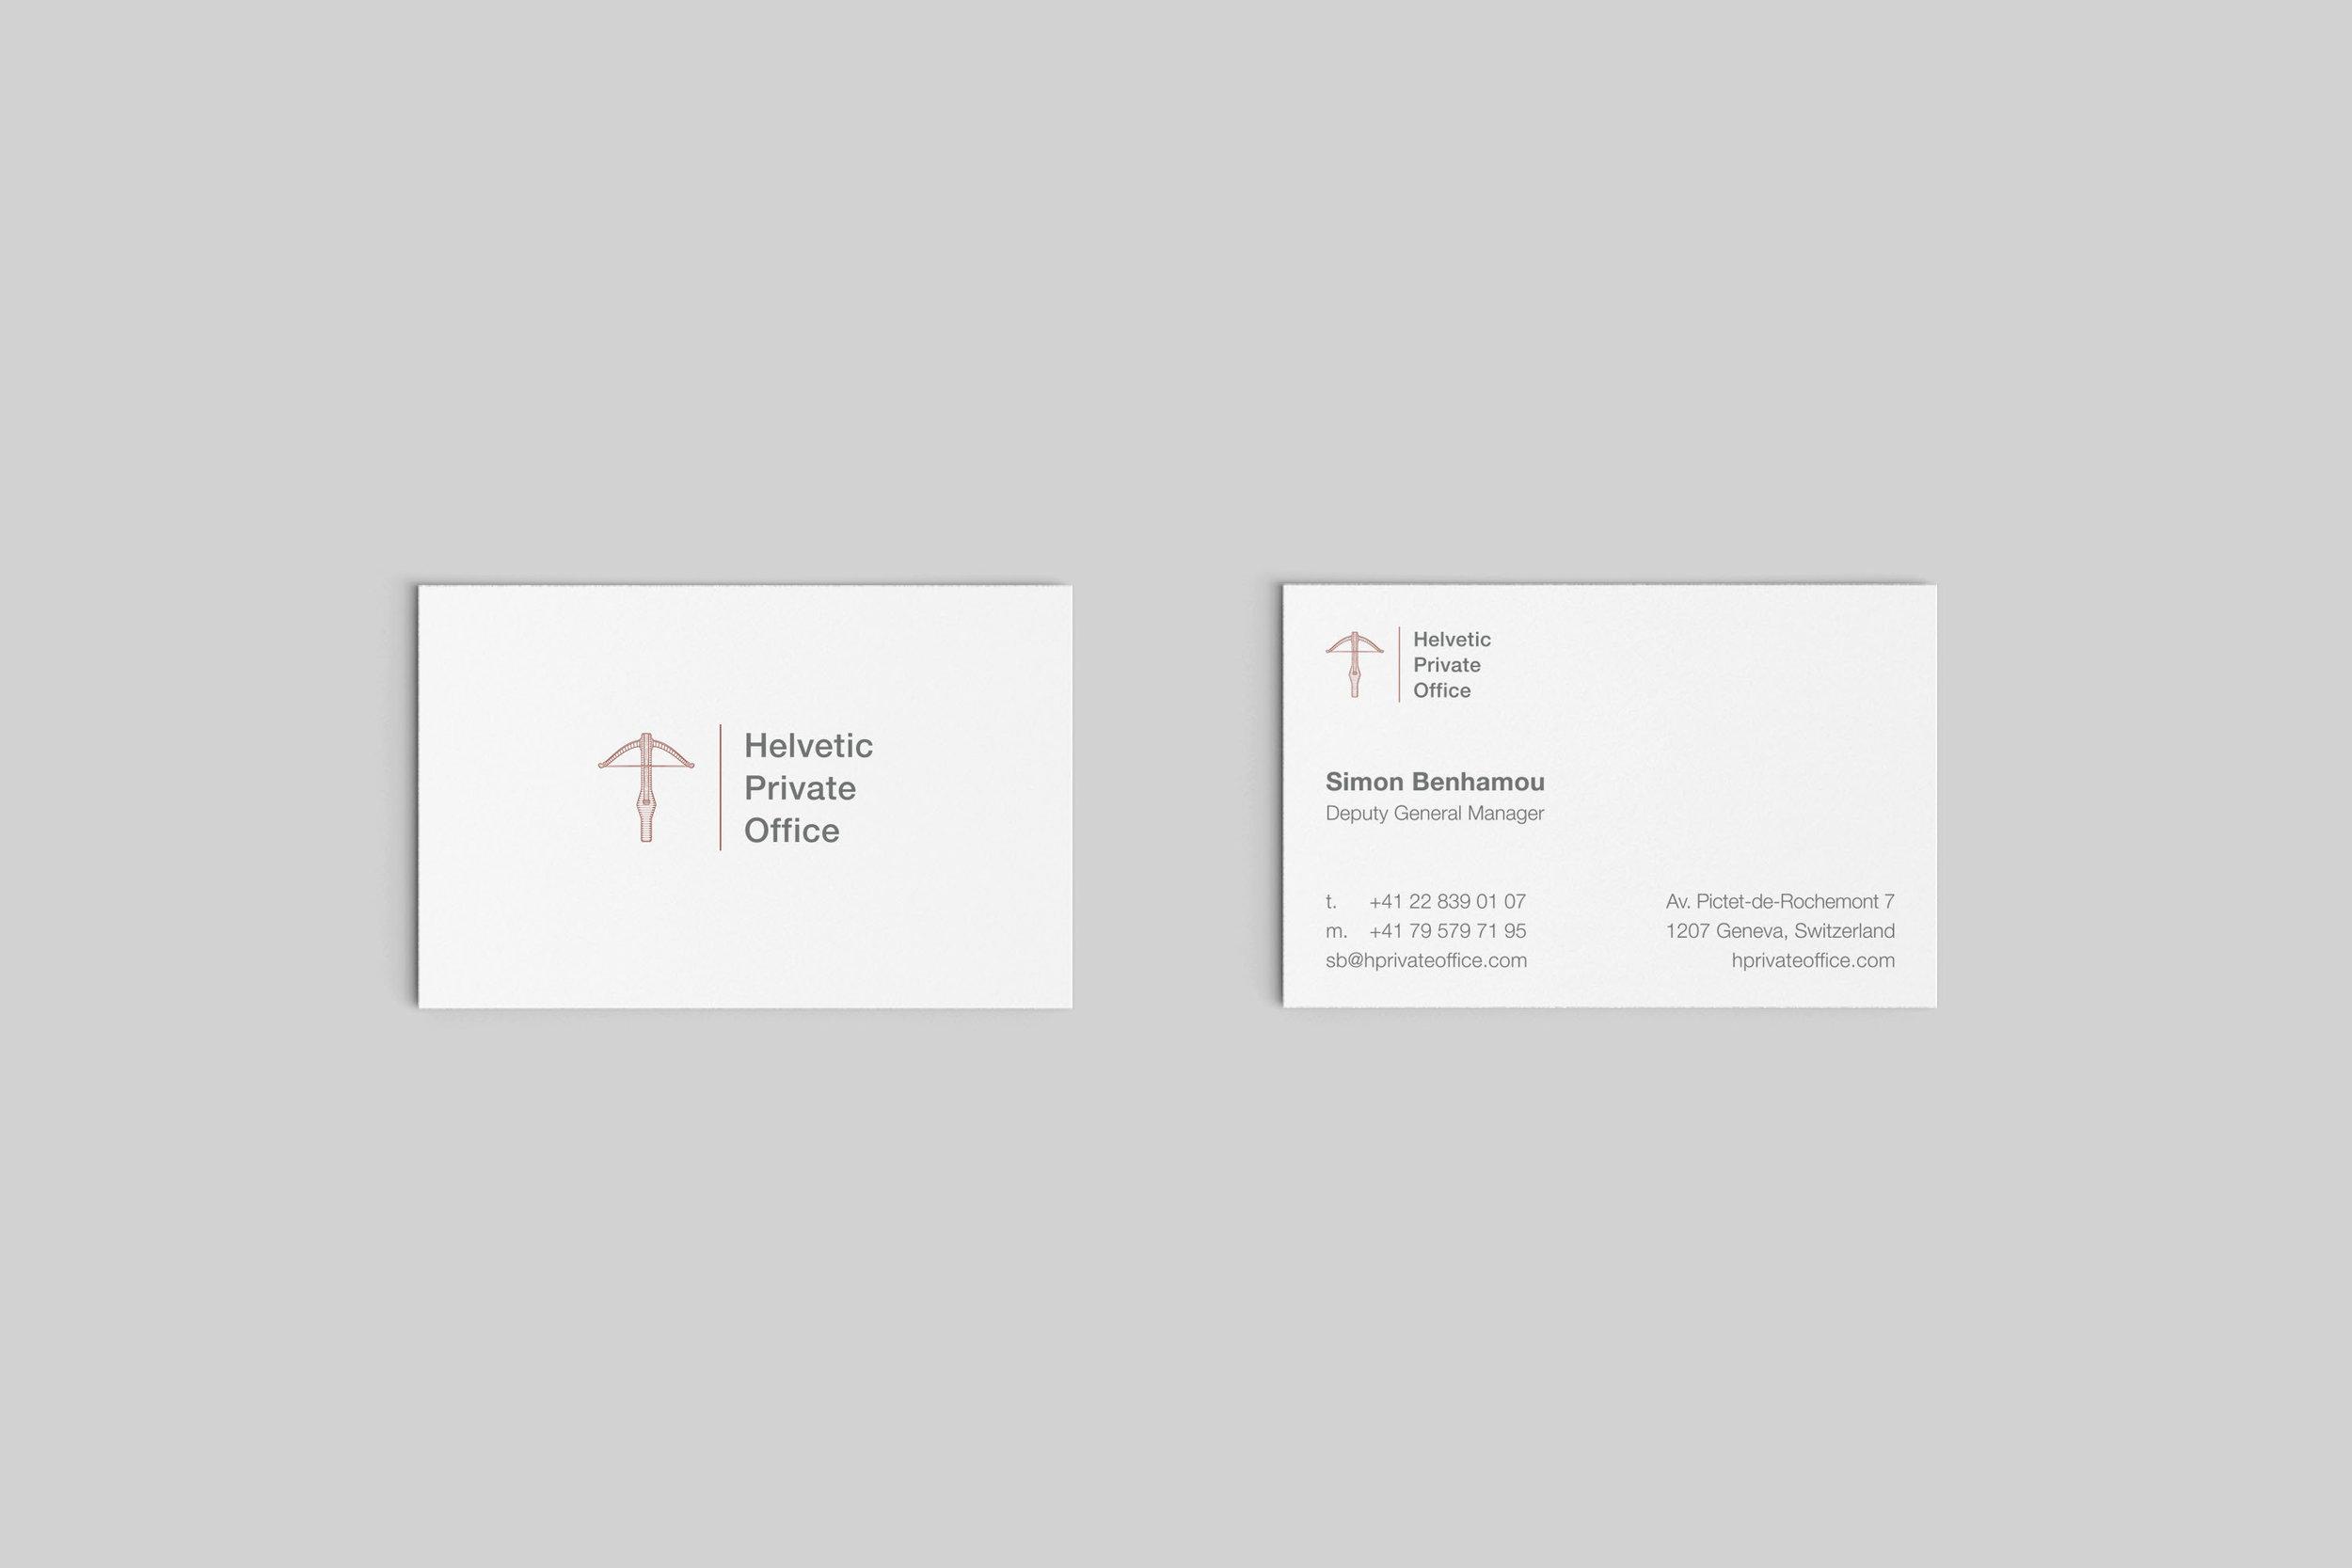 17.-hpo-identity-presentation.jpg